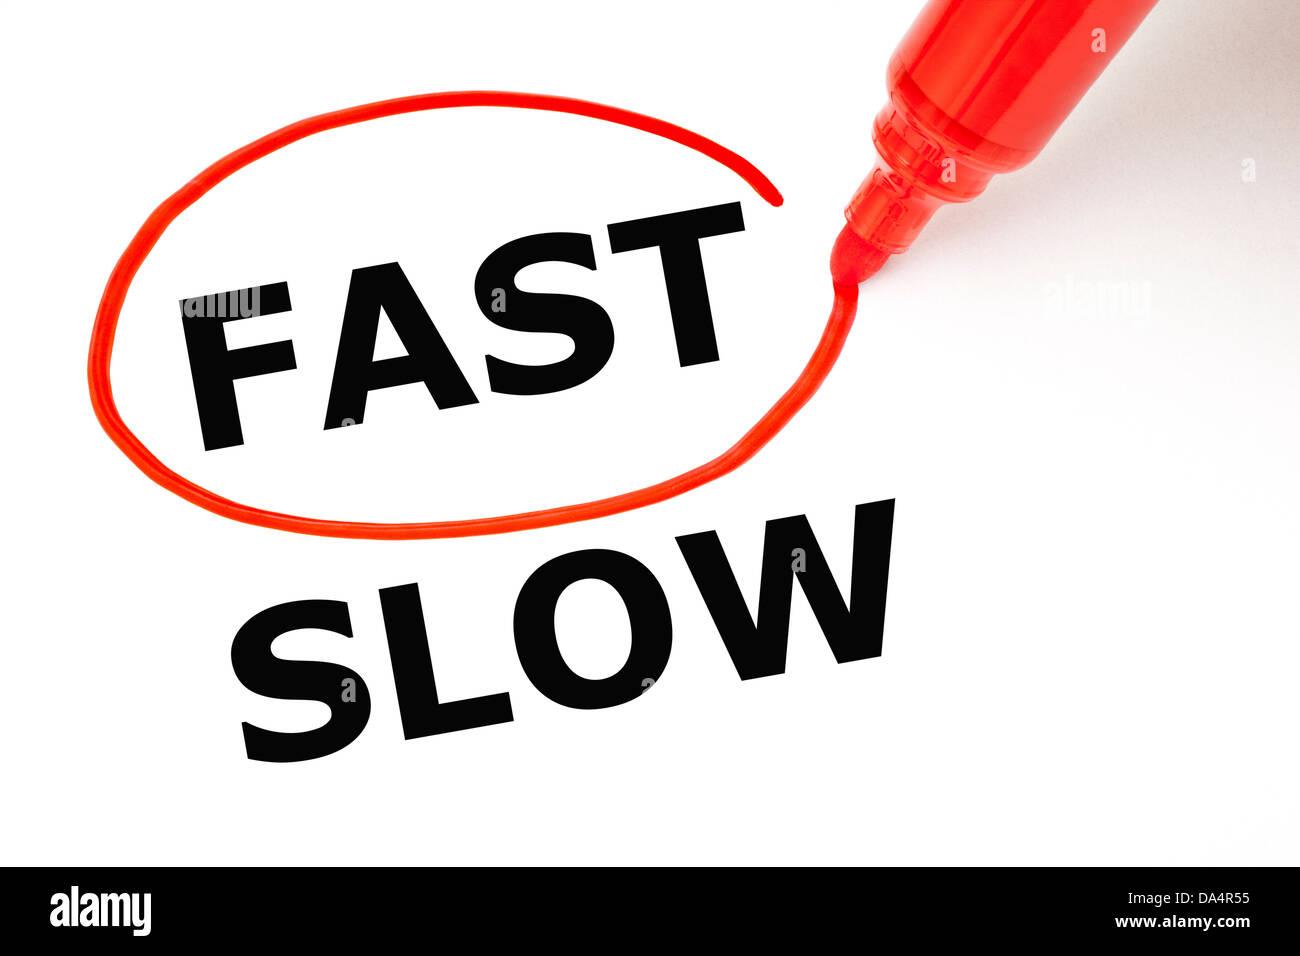 Die Wahl schnell statt Slow. Schnell mit roten Markierung ausgewählt. Stockbild